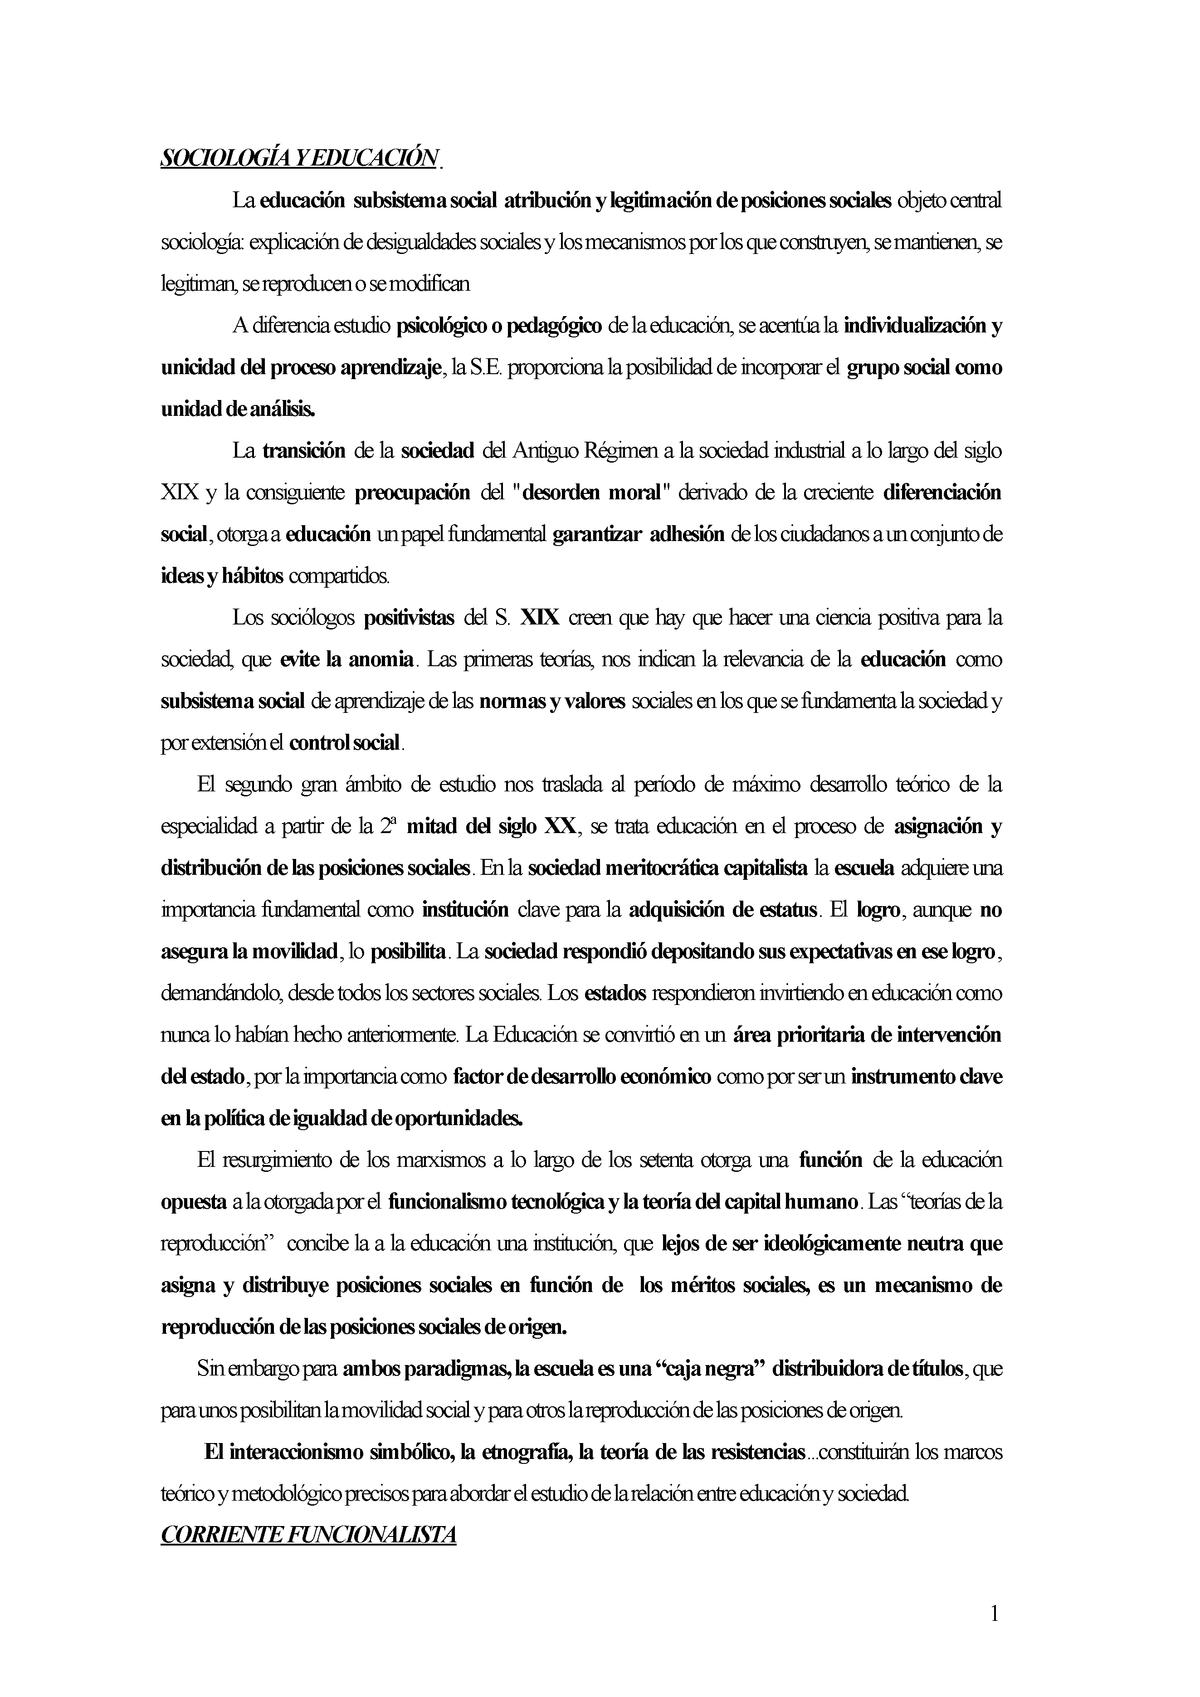 Teorías De Sociología De La Educación 21093 Uab Studocu